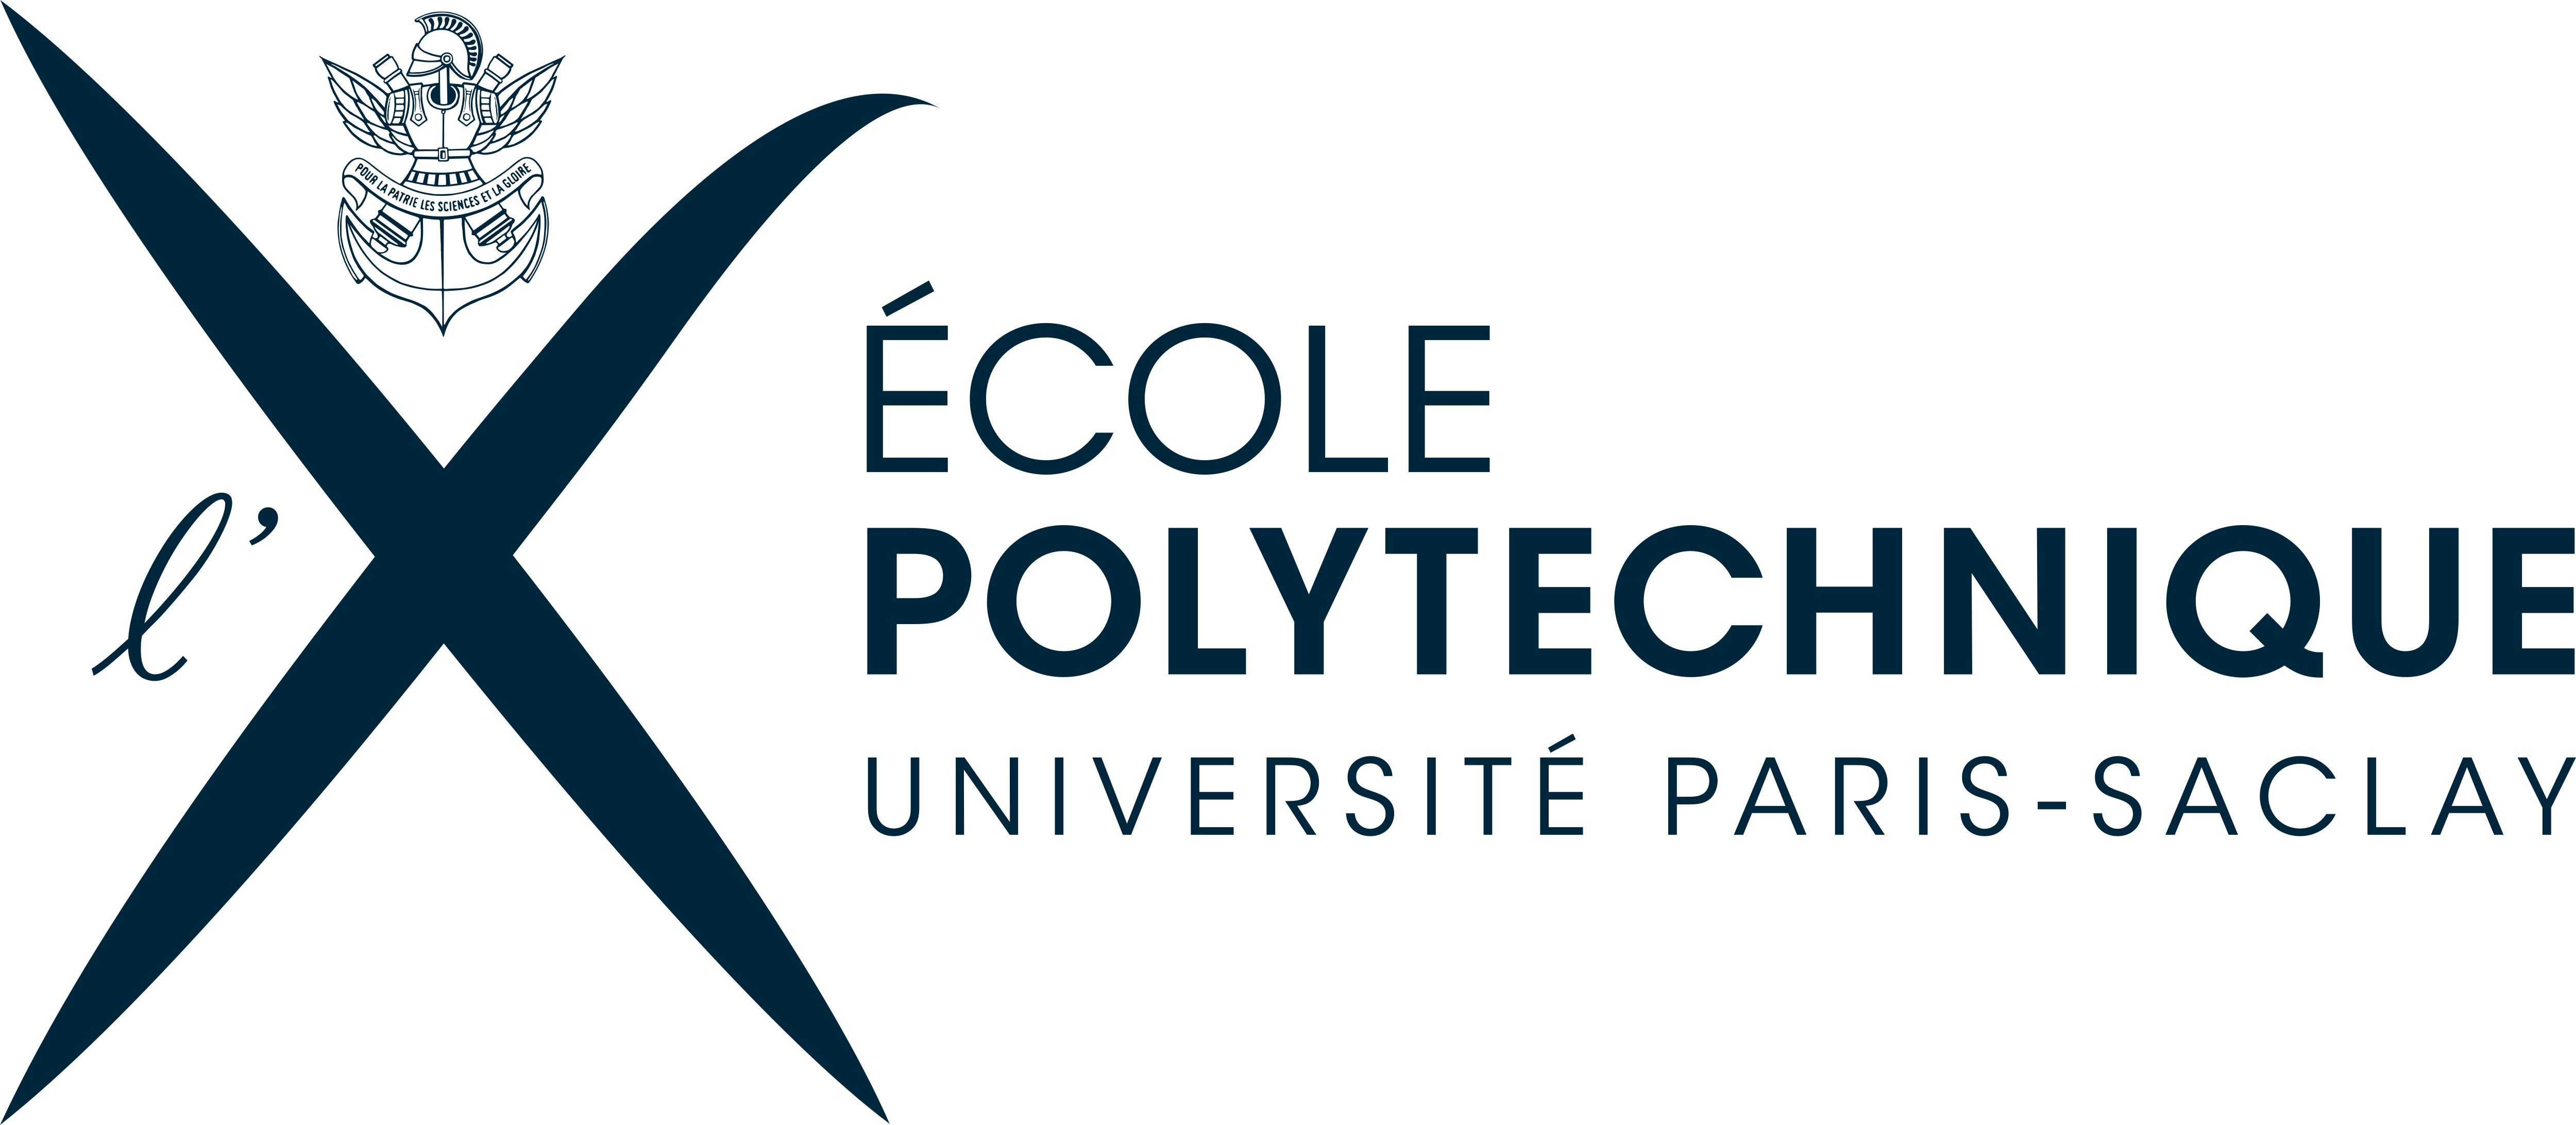 ecole_polytechnique_2020